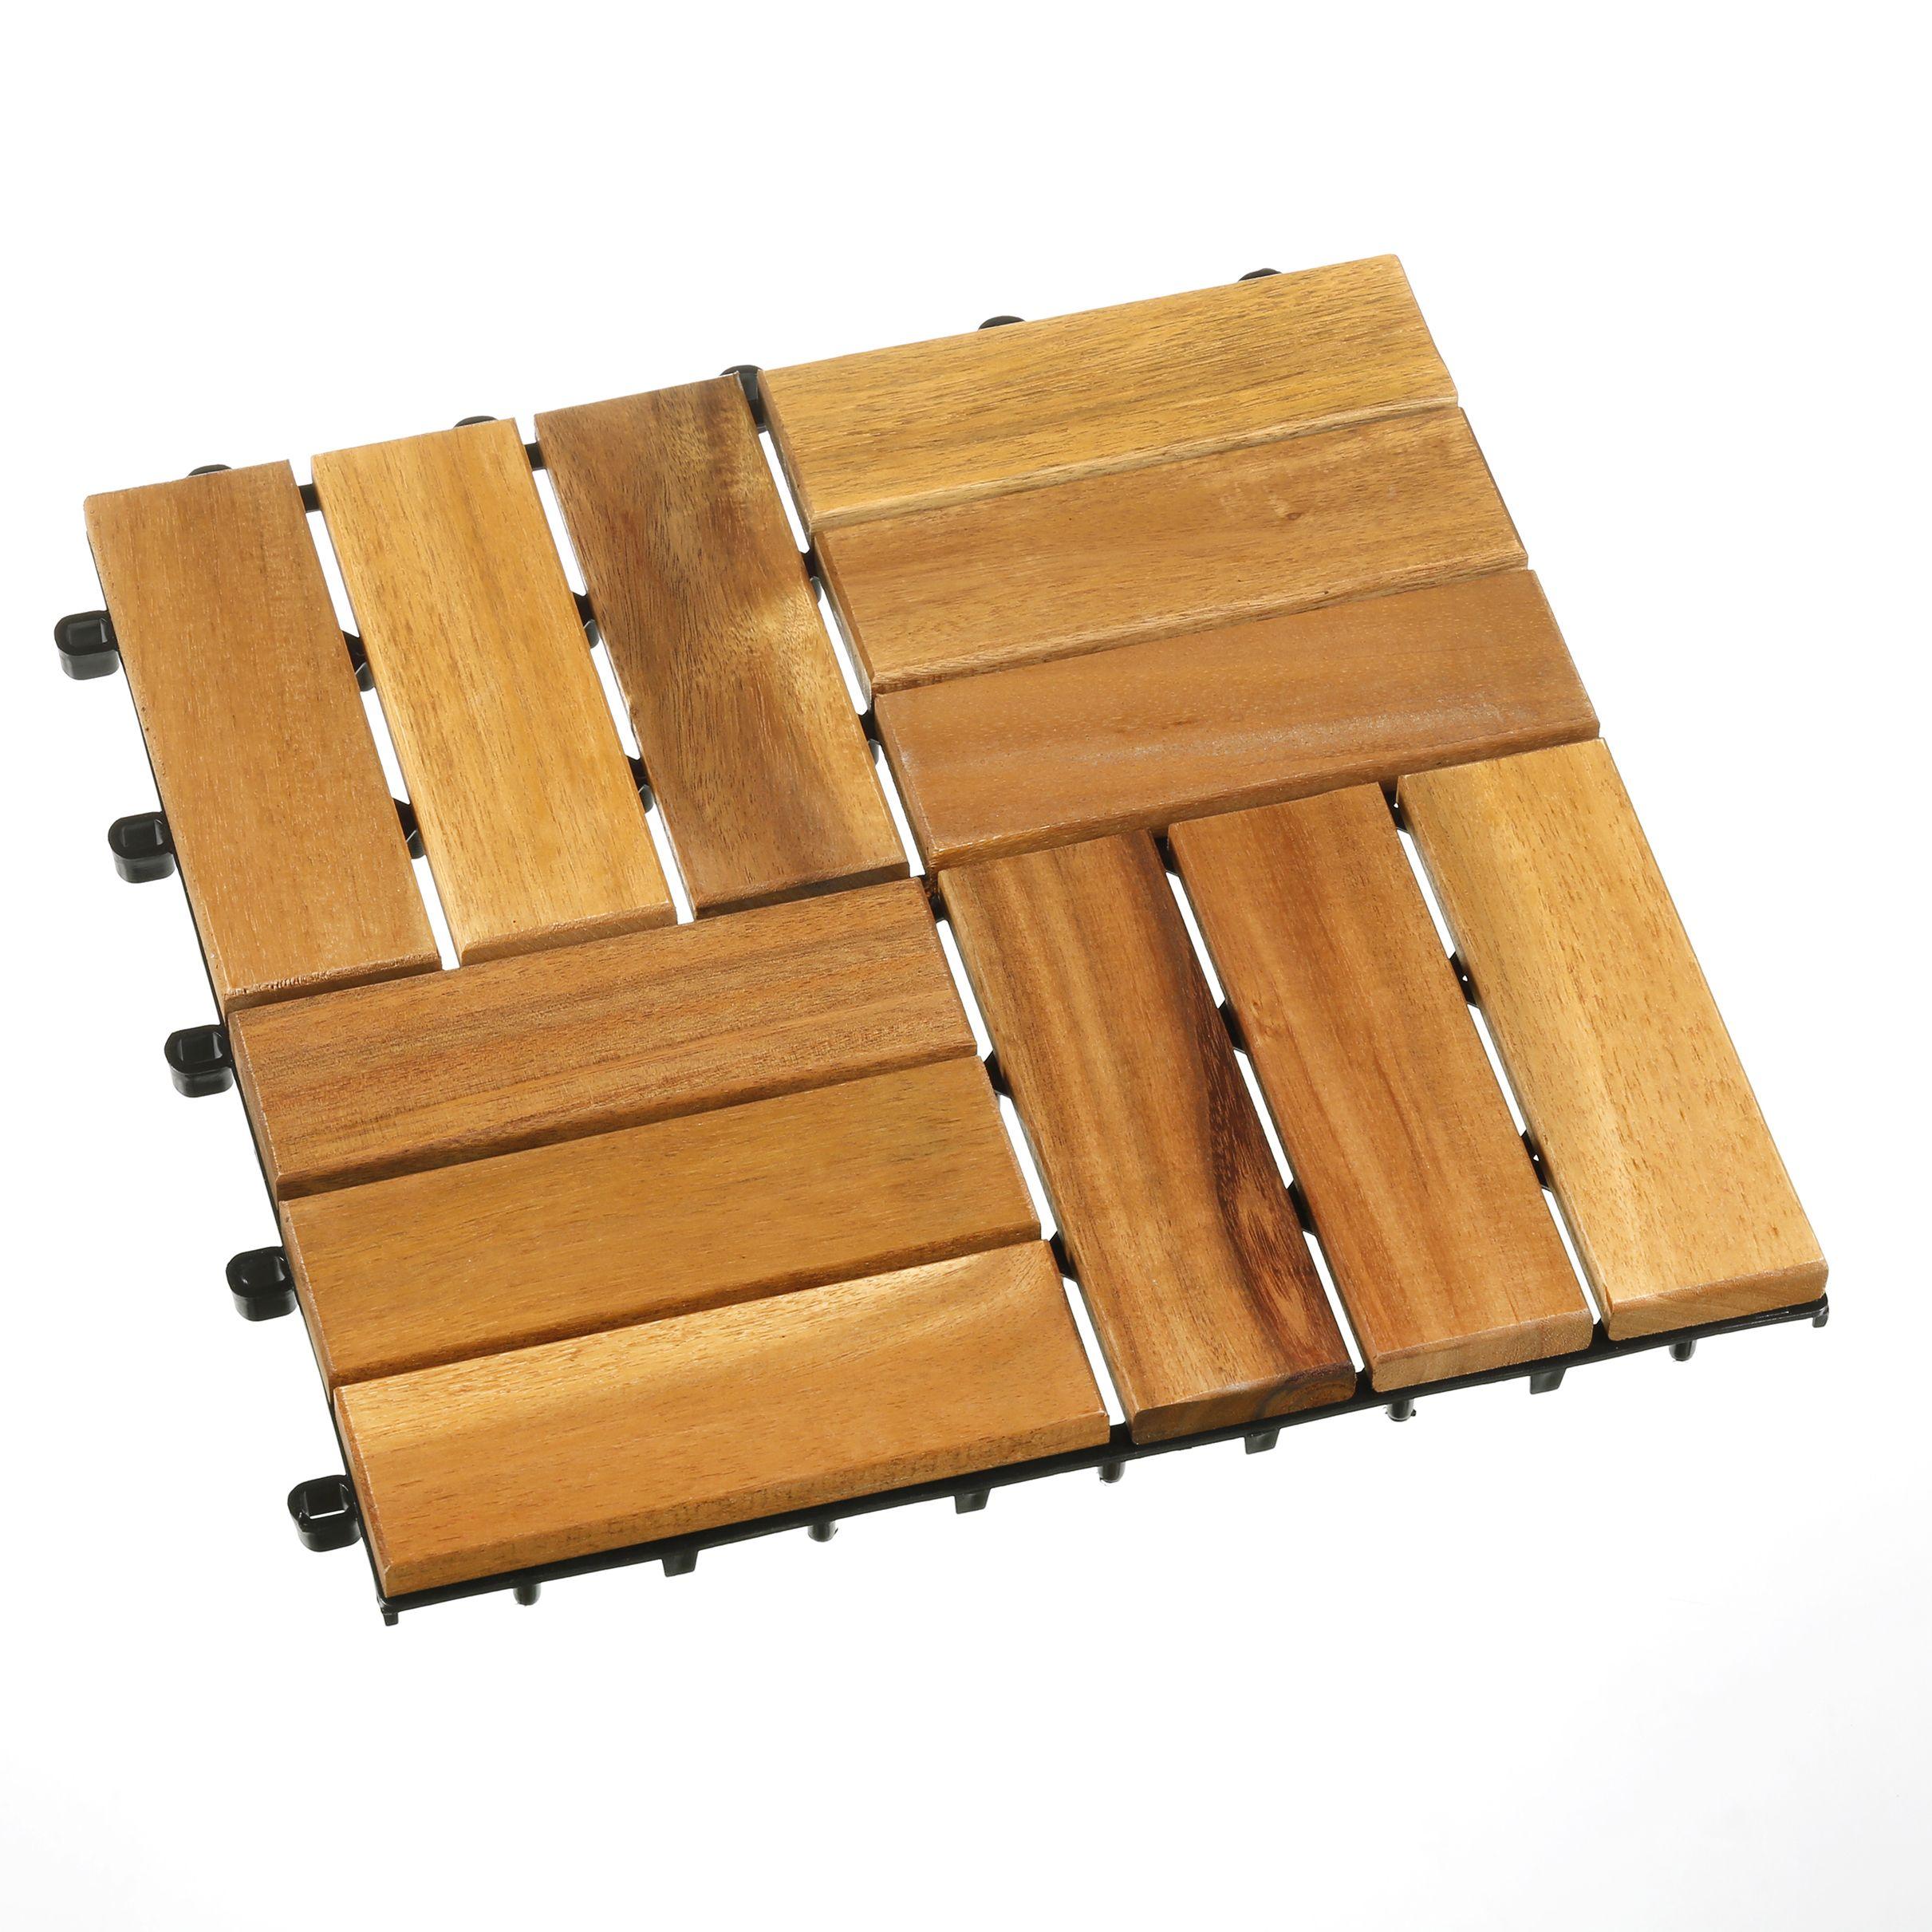 HolzfliesenSet Holzfliesen, Holz, Fliesen